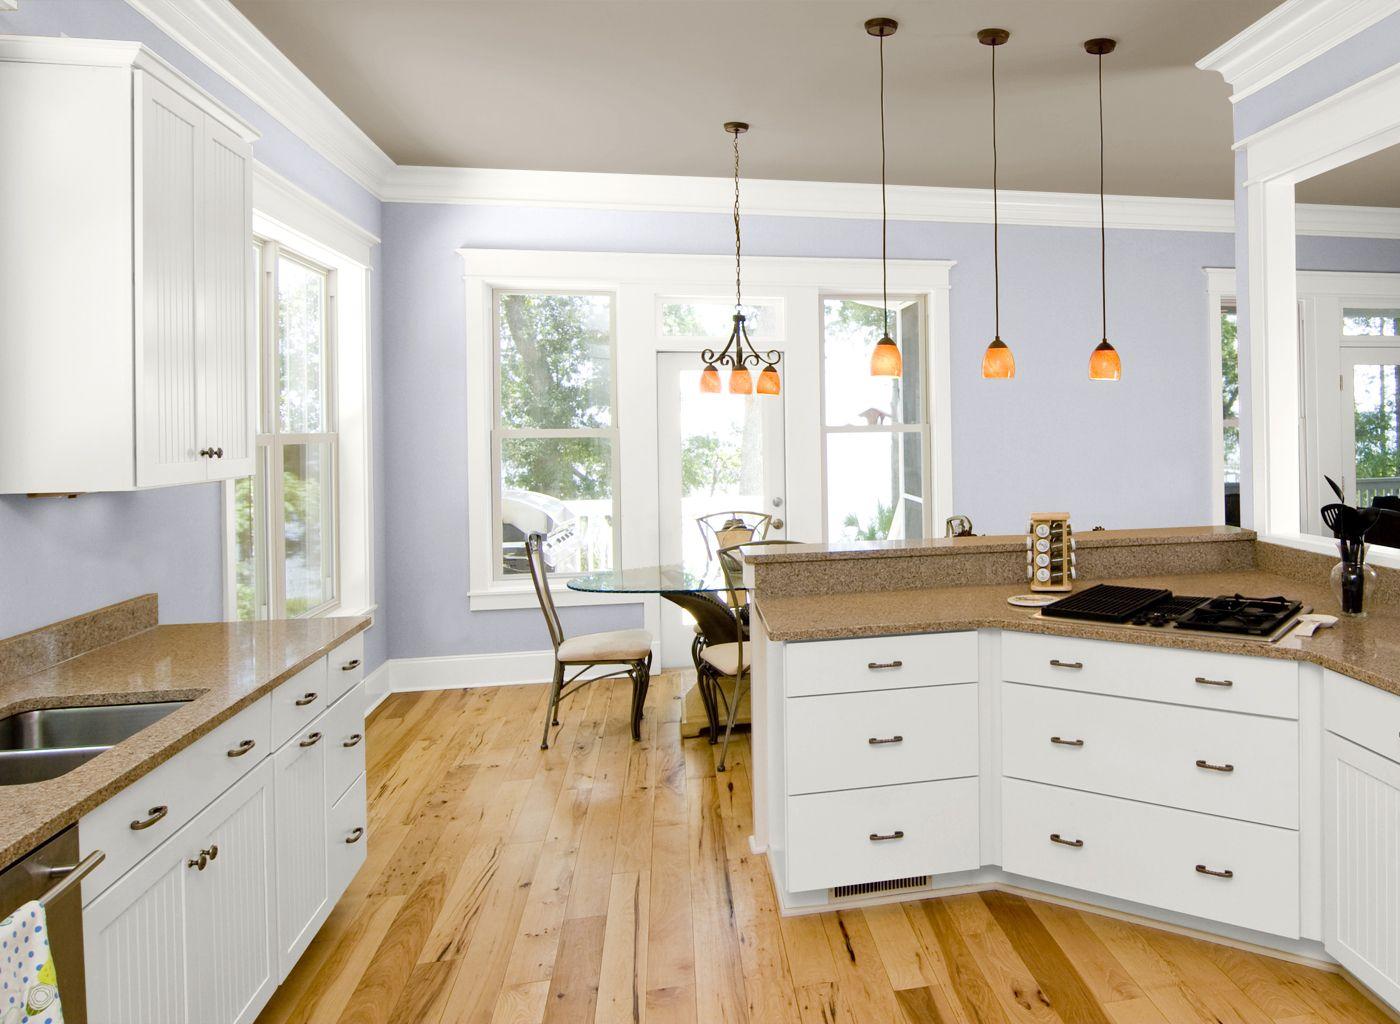 Kitchen in Evening Light | kitchen colors | Pinterest | Kitchen ...